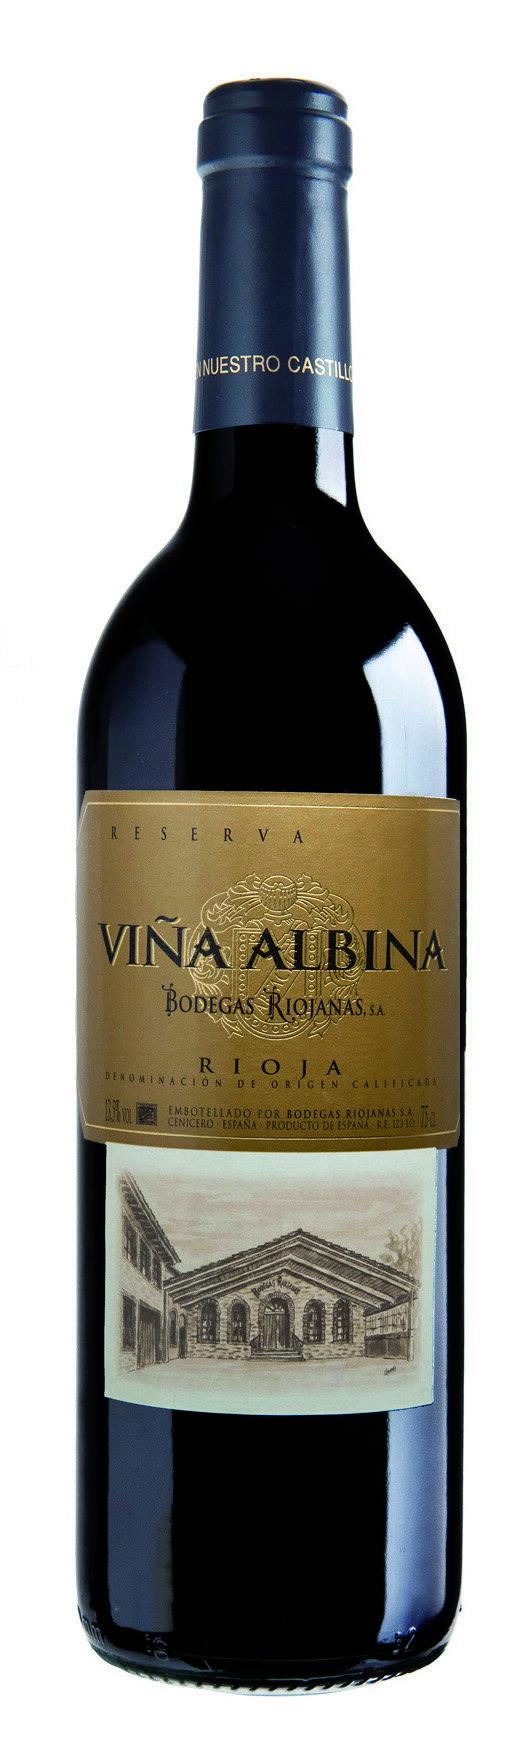 Caja de 6 botellas vino Viña Albina Reserva 2009 D.O. Rioja 0